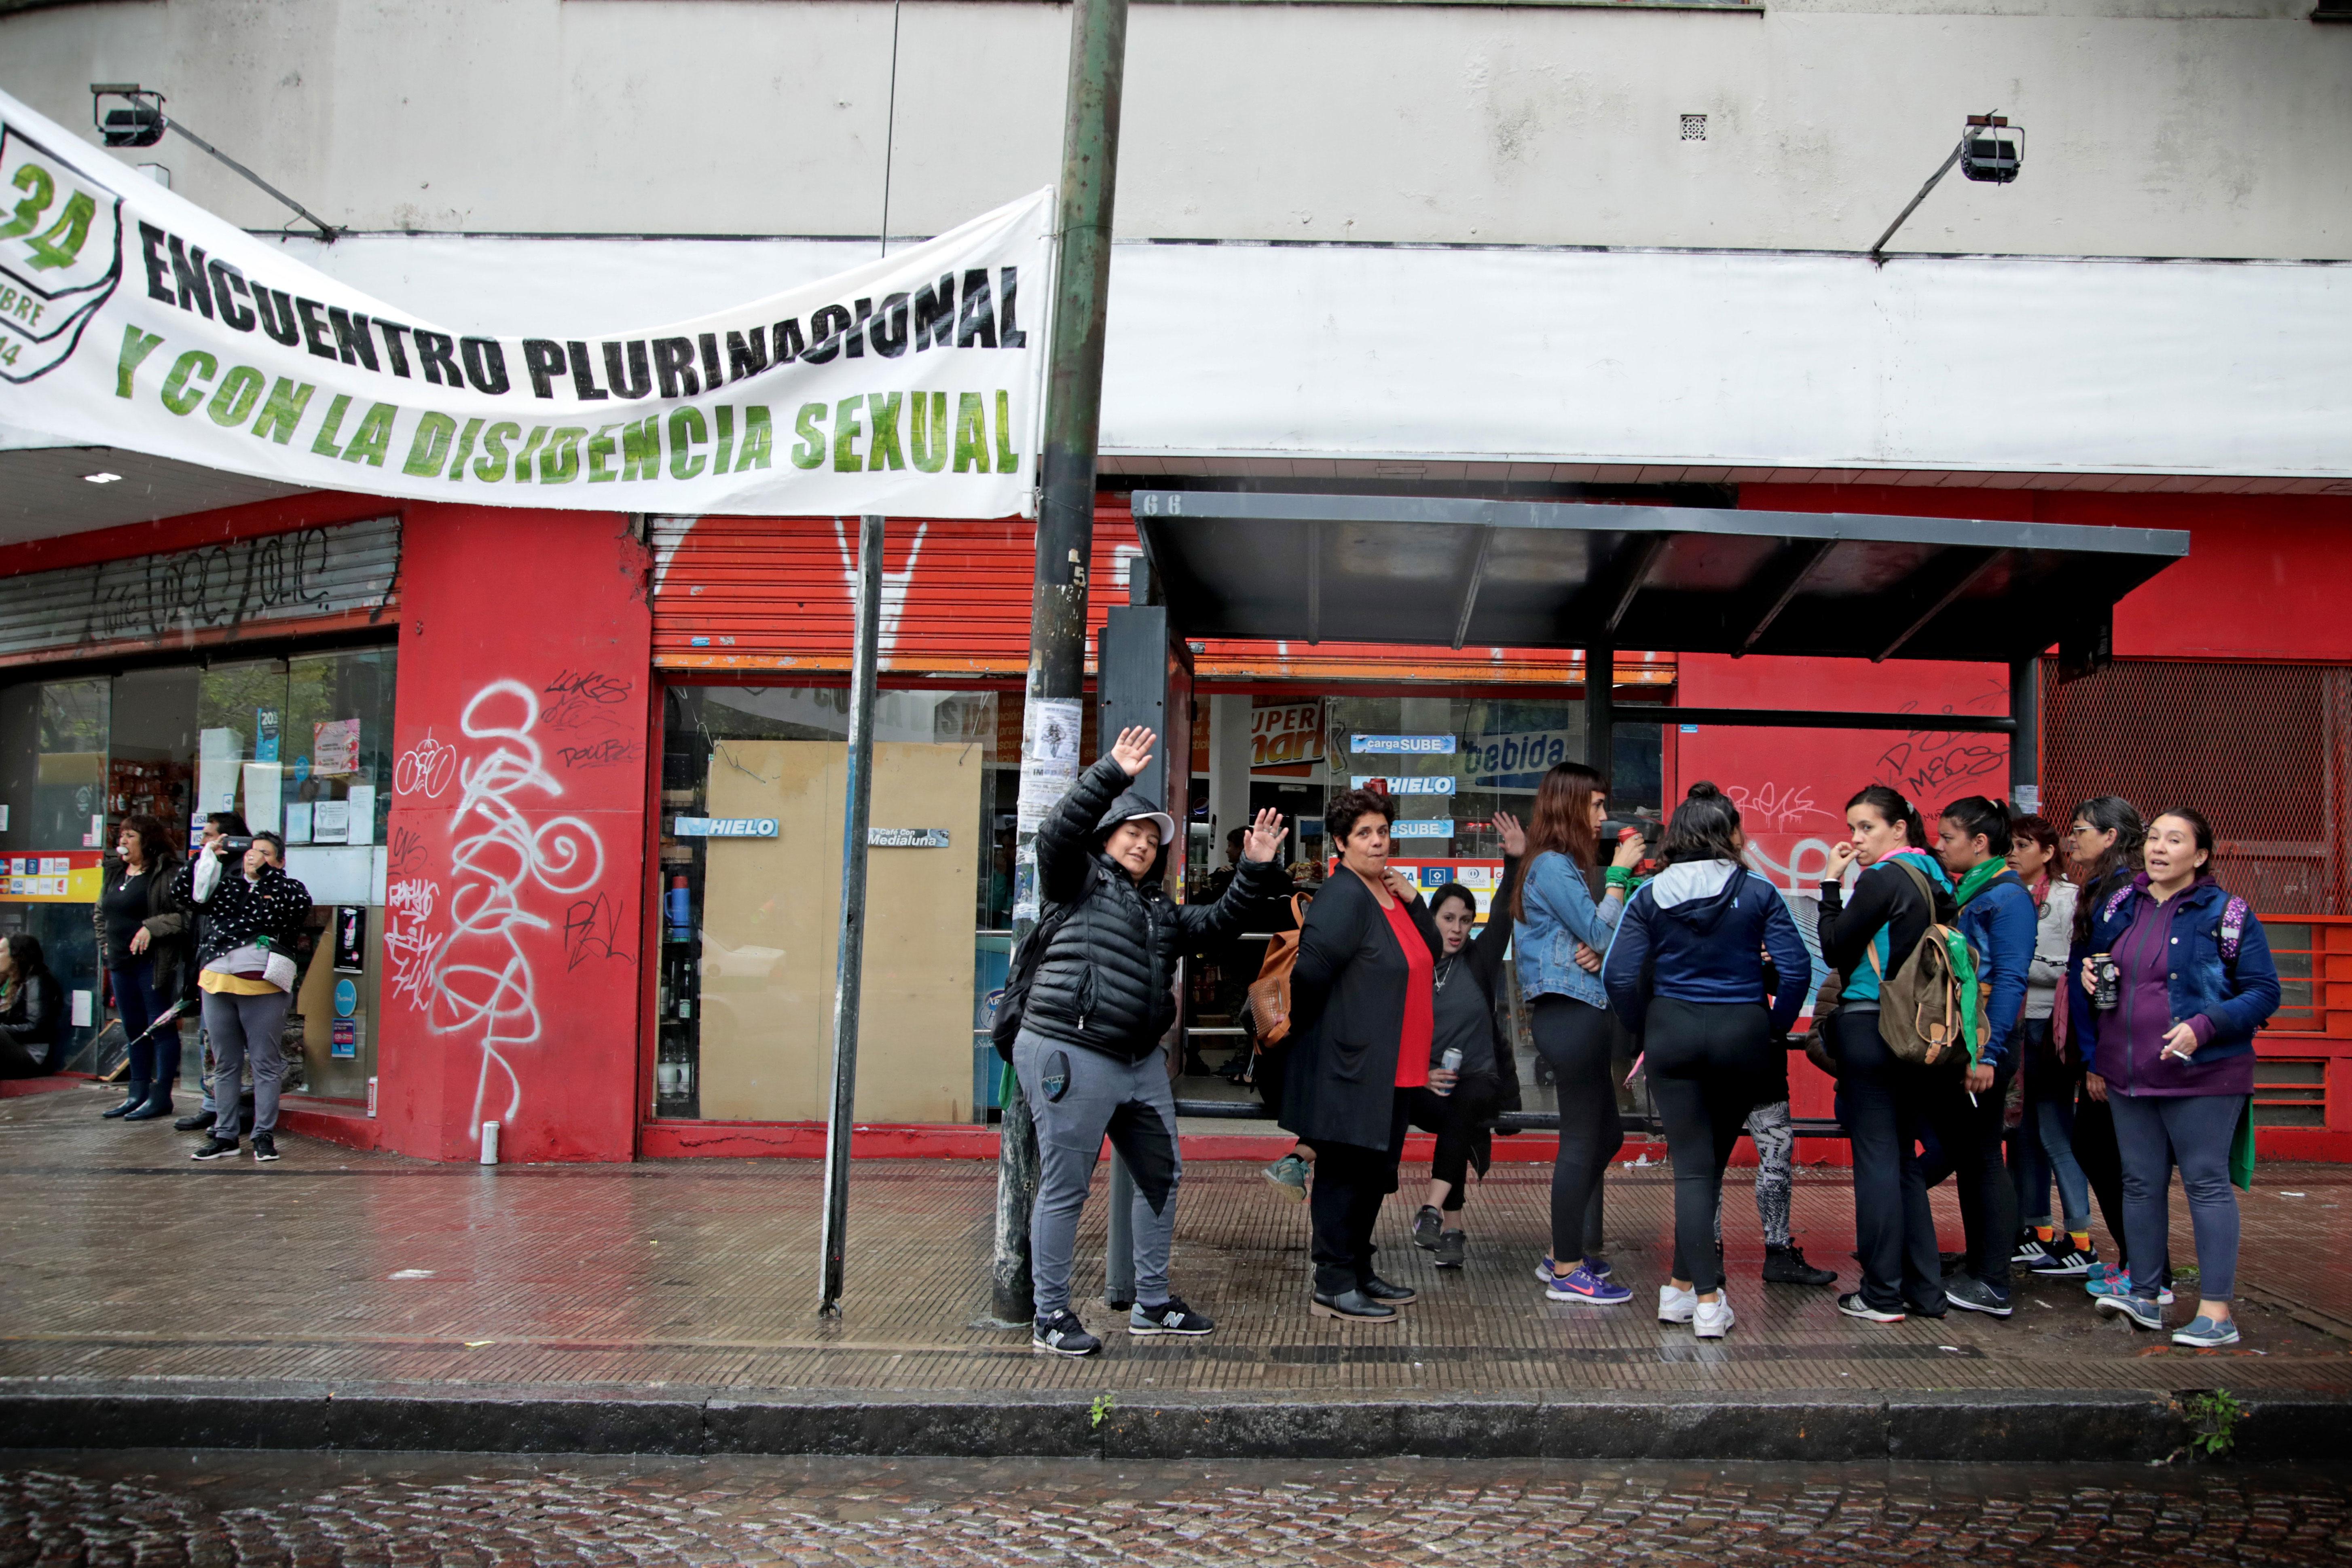 La ciudad de La Plata dispondrá de 50 colectivos gratuitos que funcionarán esos días sin paradas intermedias. Los colectivos tendrán una oblea de identificación, al igual que las paradas